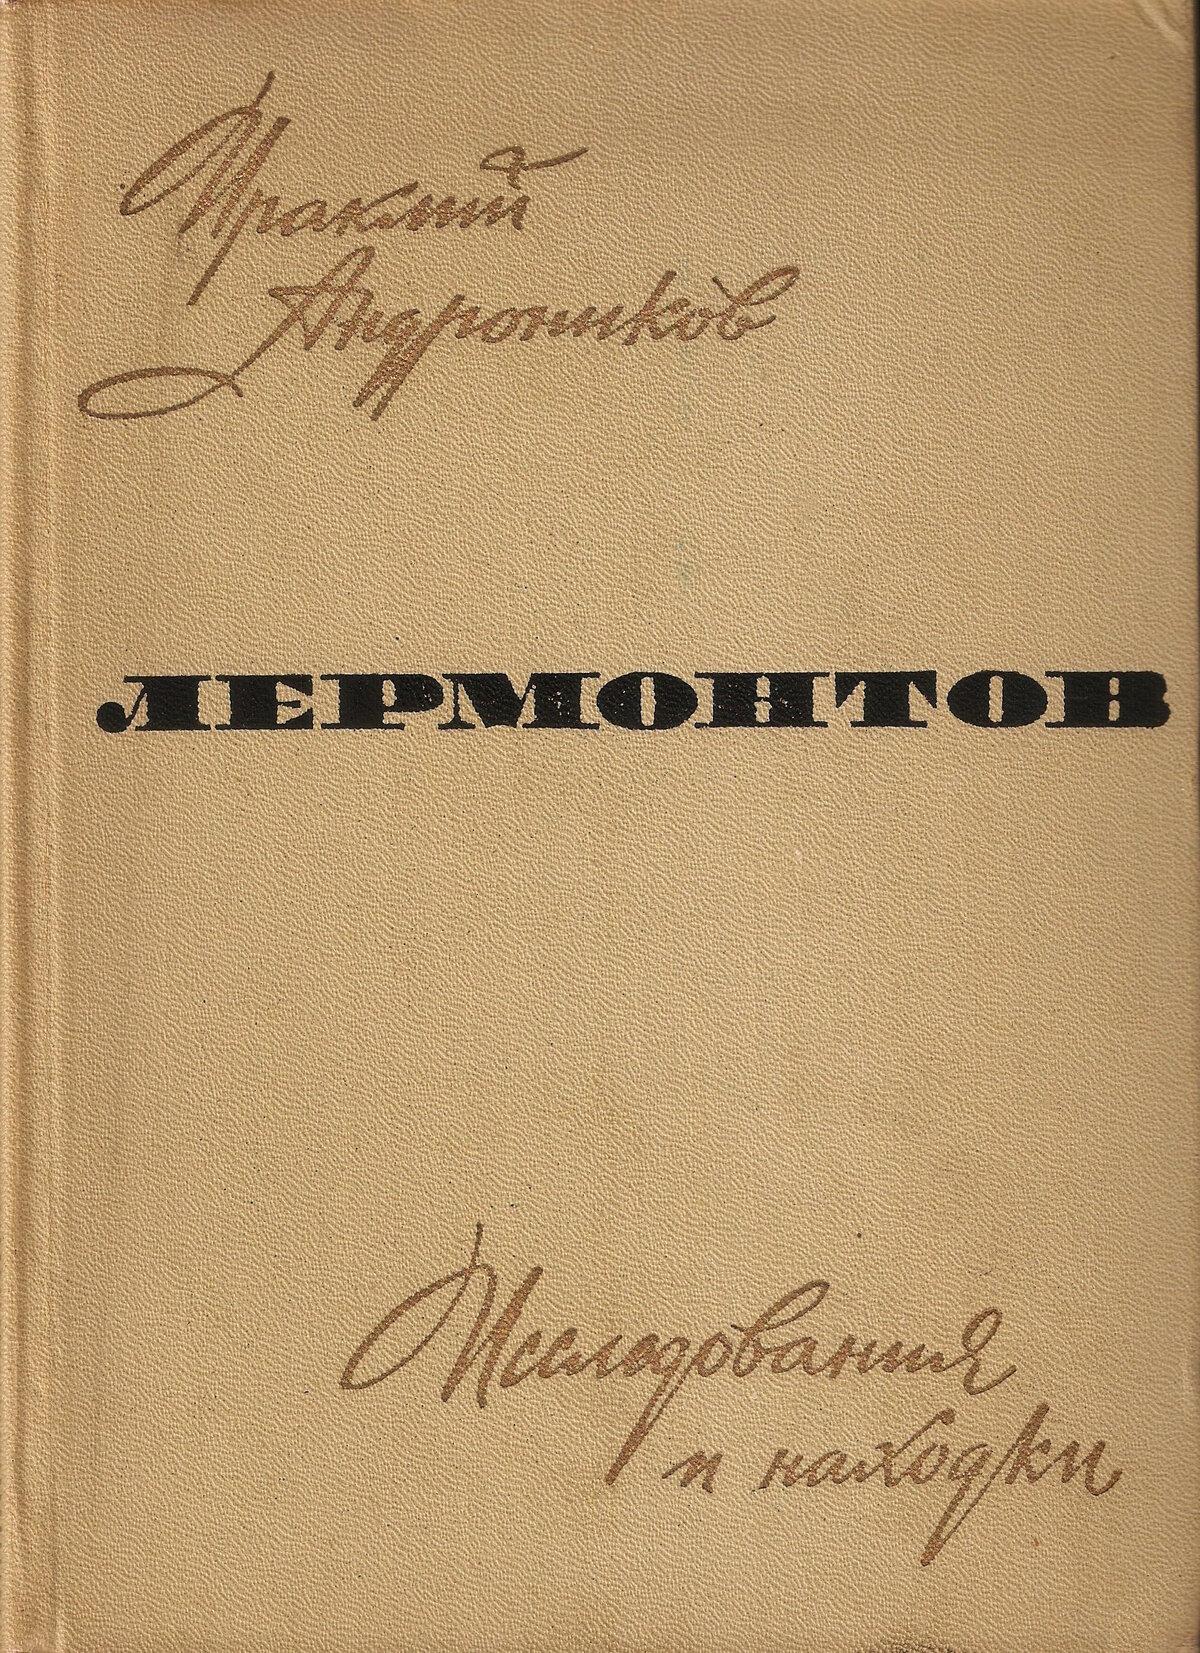 Ираклий Луарсабович Андроников — Лермонтов. Исследования и находки, скачать fb2